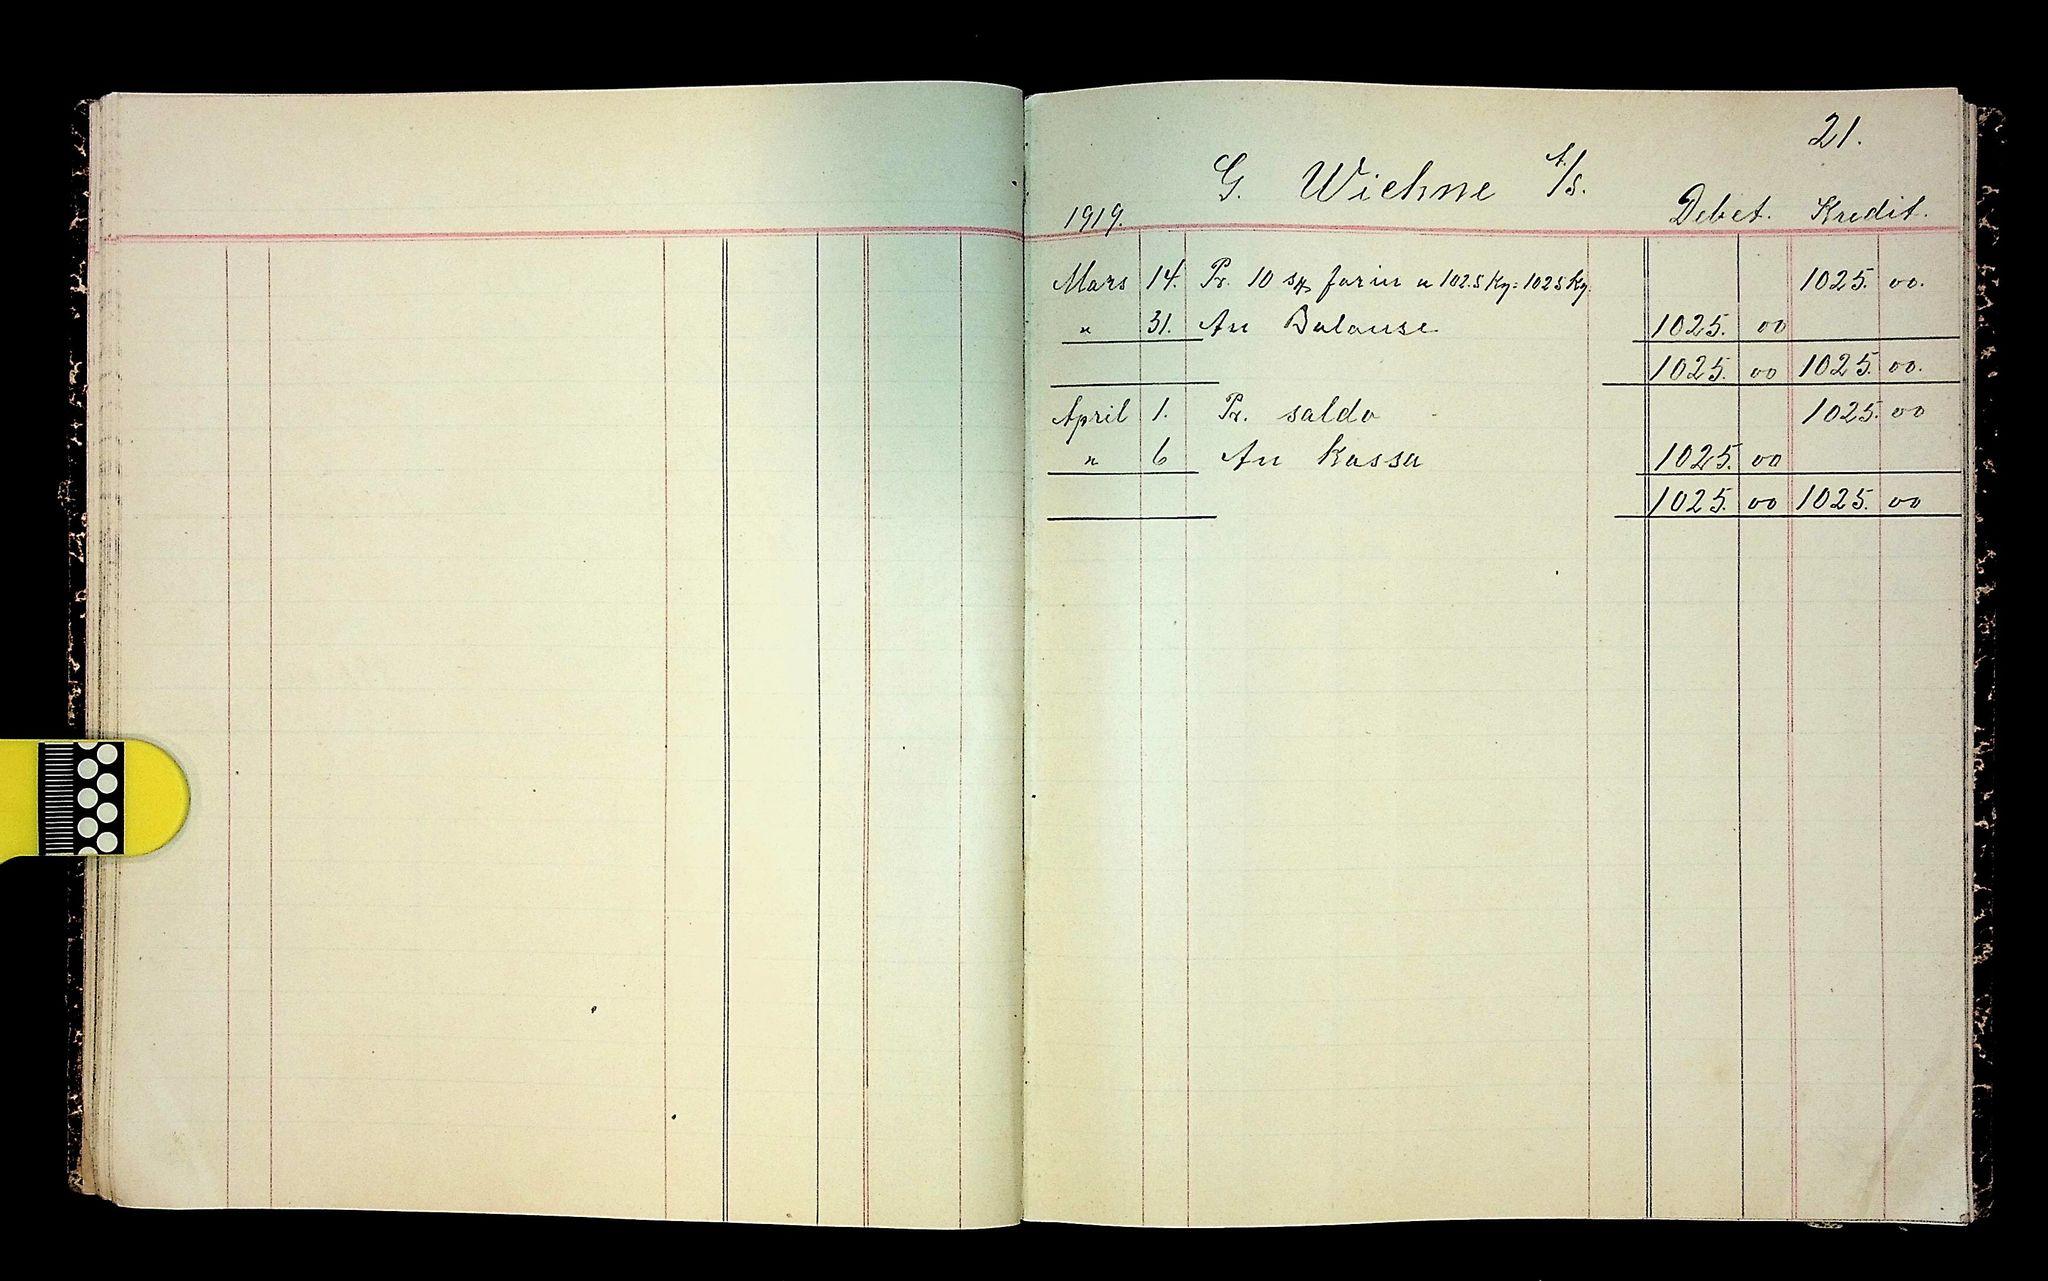 IKAH, Varaldsøy kommune. Mundheim provianteringsråd, R/Ra/L0002: Kontobok  for Mundheim provianteringsråd, 1919-1920, s. 22